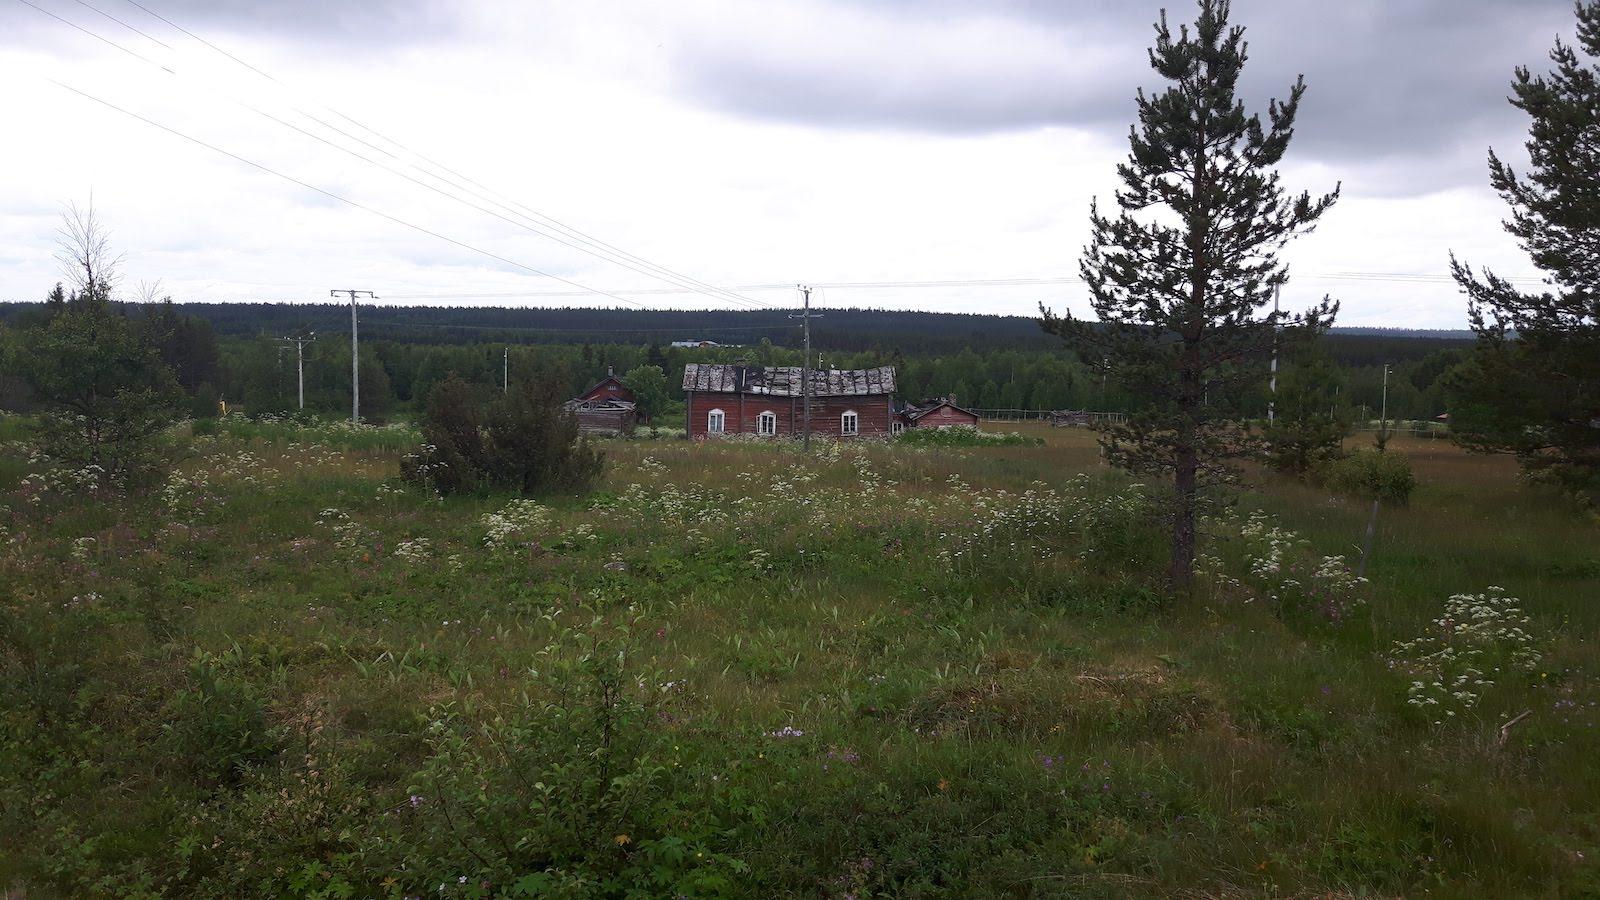 On the road from sodankyla Finland